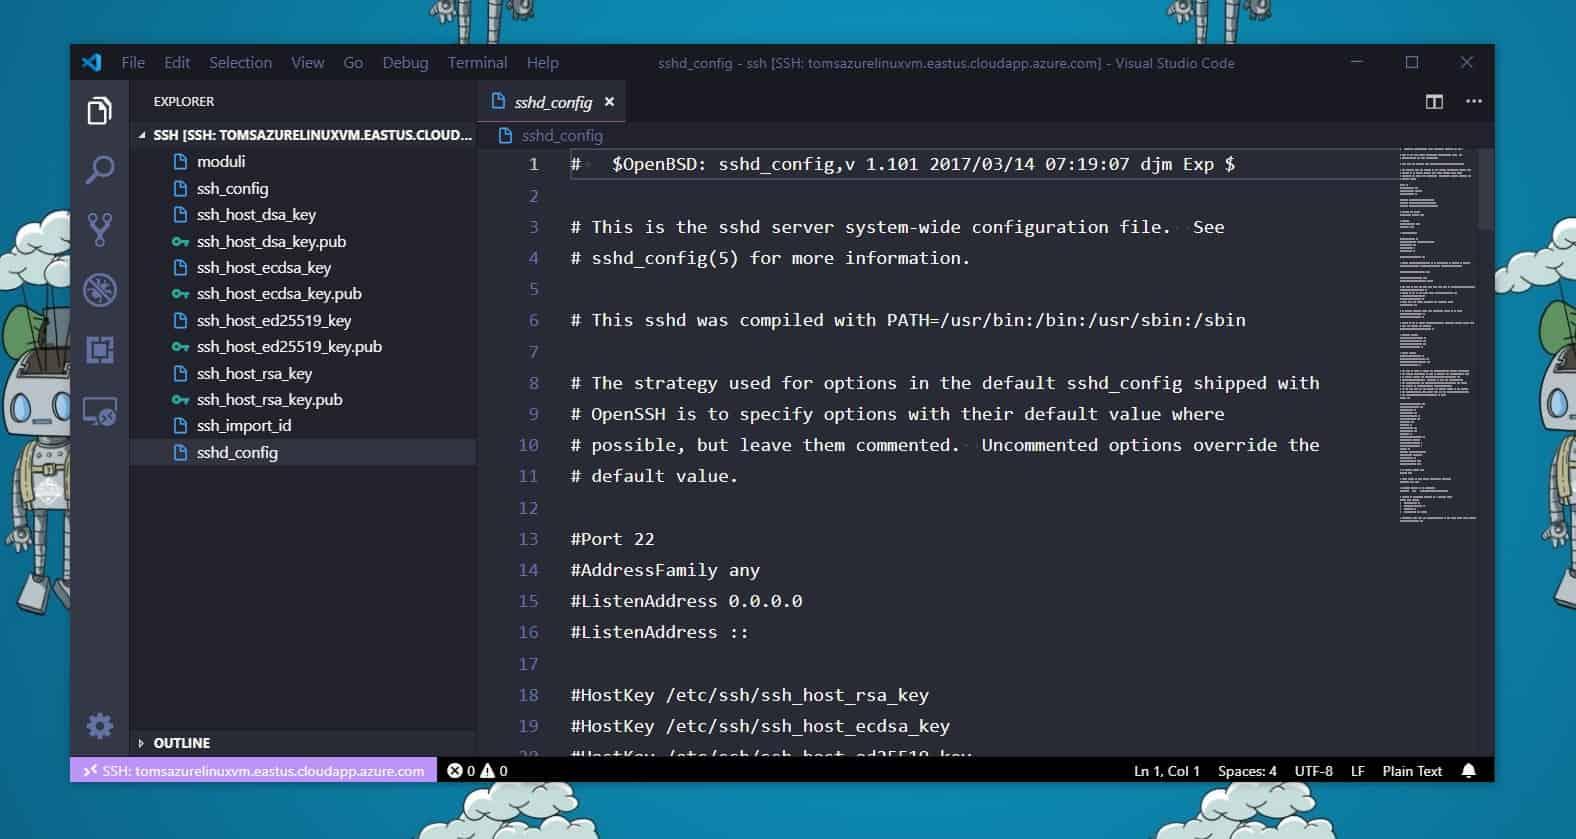 SSH Remote Edit File with Visual Studio Code